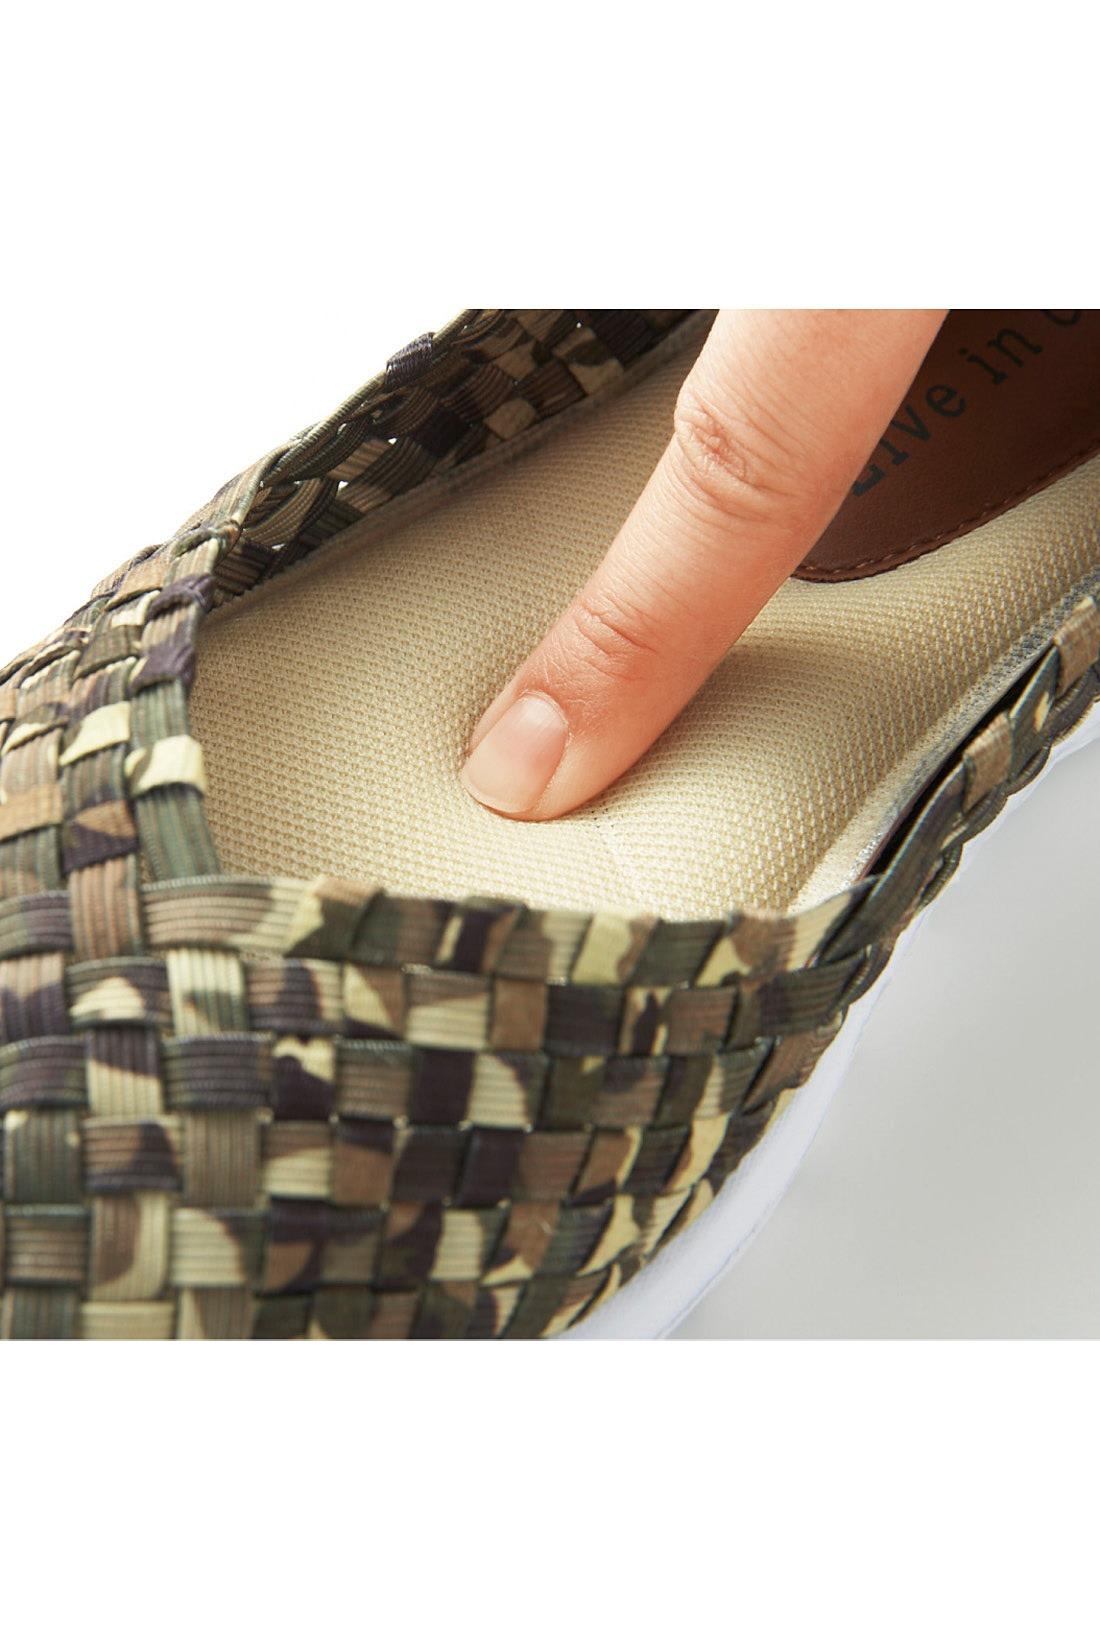 素足で履いても気持ちいい!ふかふかスポンジ入りのメッシュインソール&土踏まずに沿うデザイン。